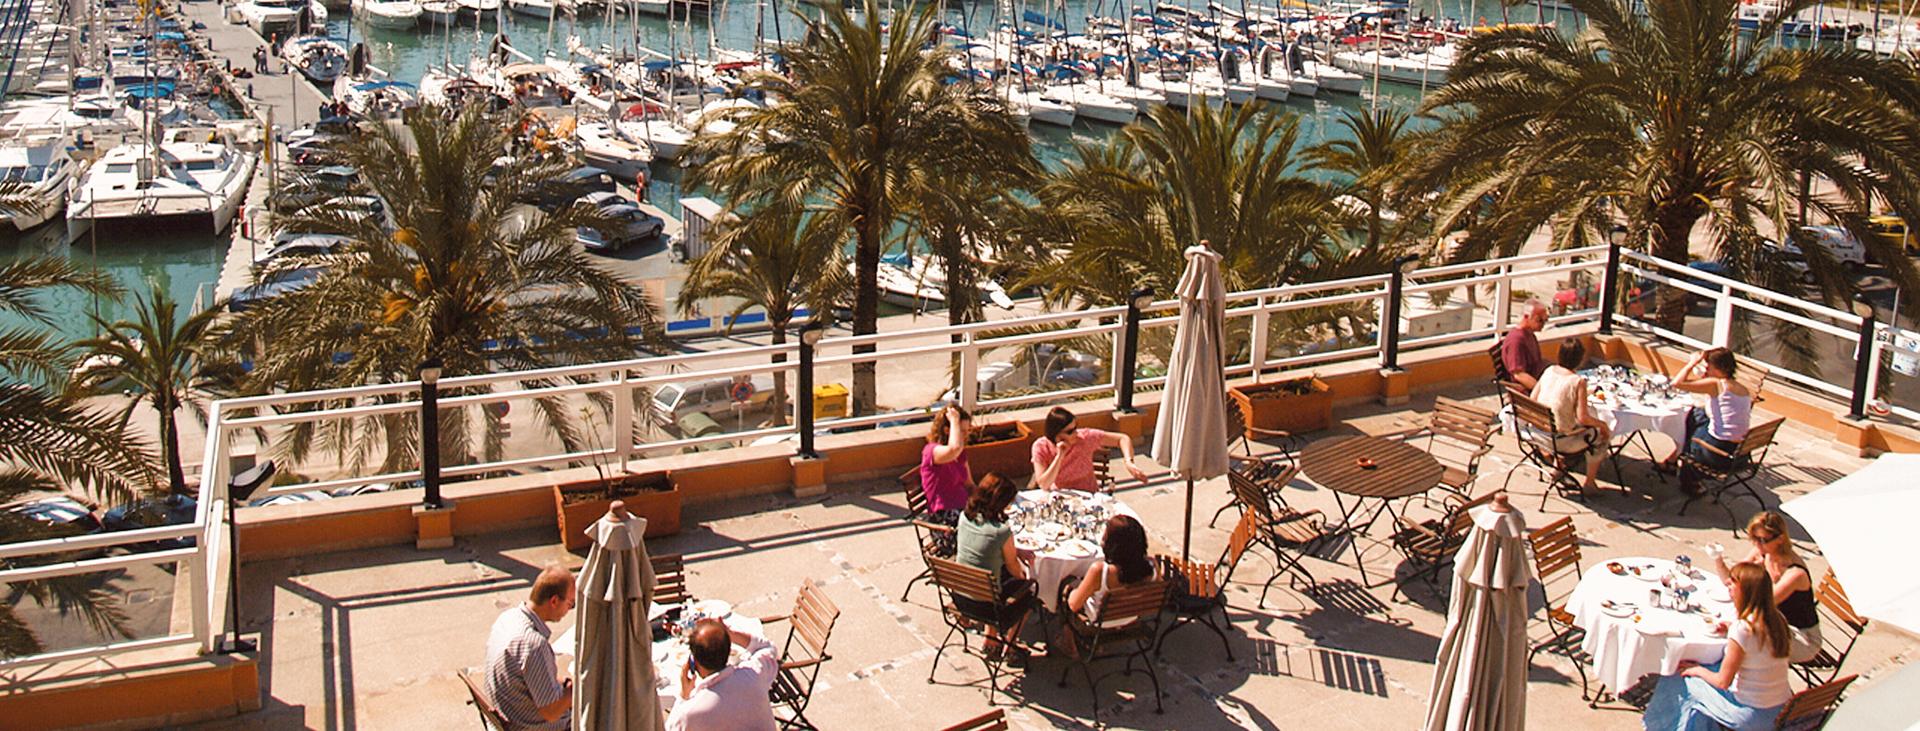 Mirador, Palma stad, Mallorca, Spanien